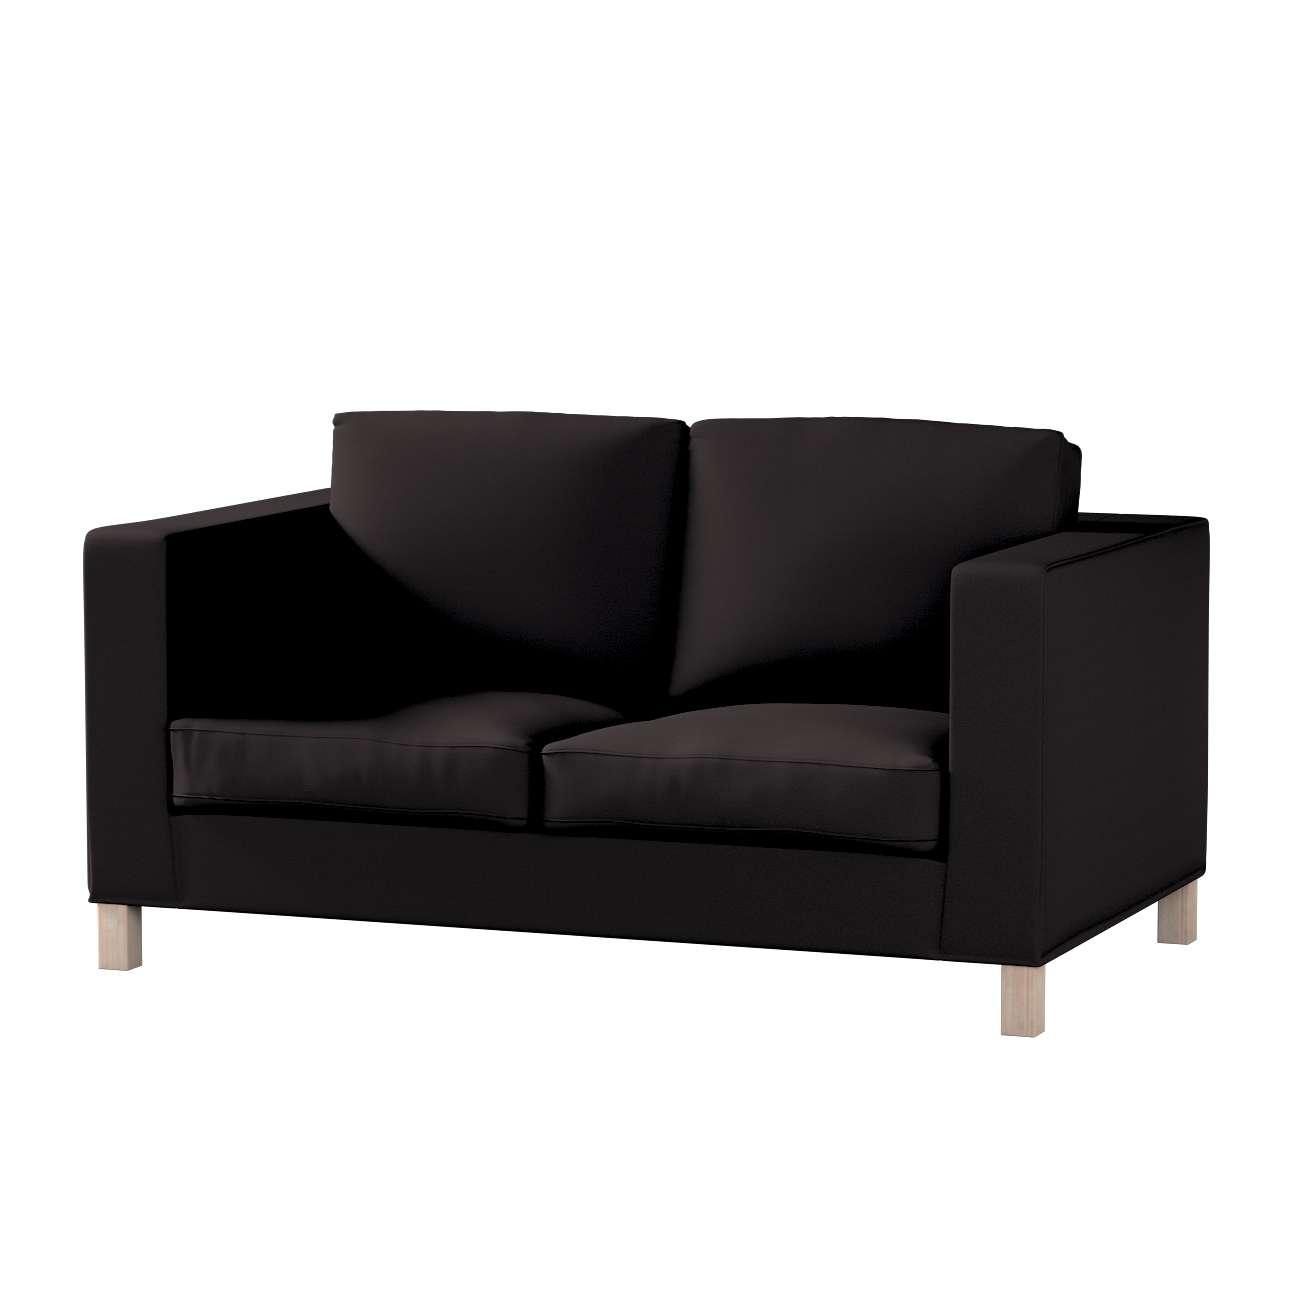 KARLANDA dvivietės sofos užvalkalas KARLANDA dvivietės sofos užvalkalas kolekcijoje Cotton Panama, audinys: 702-09